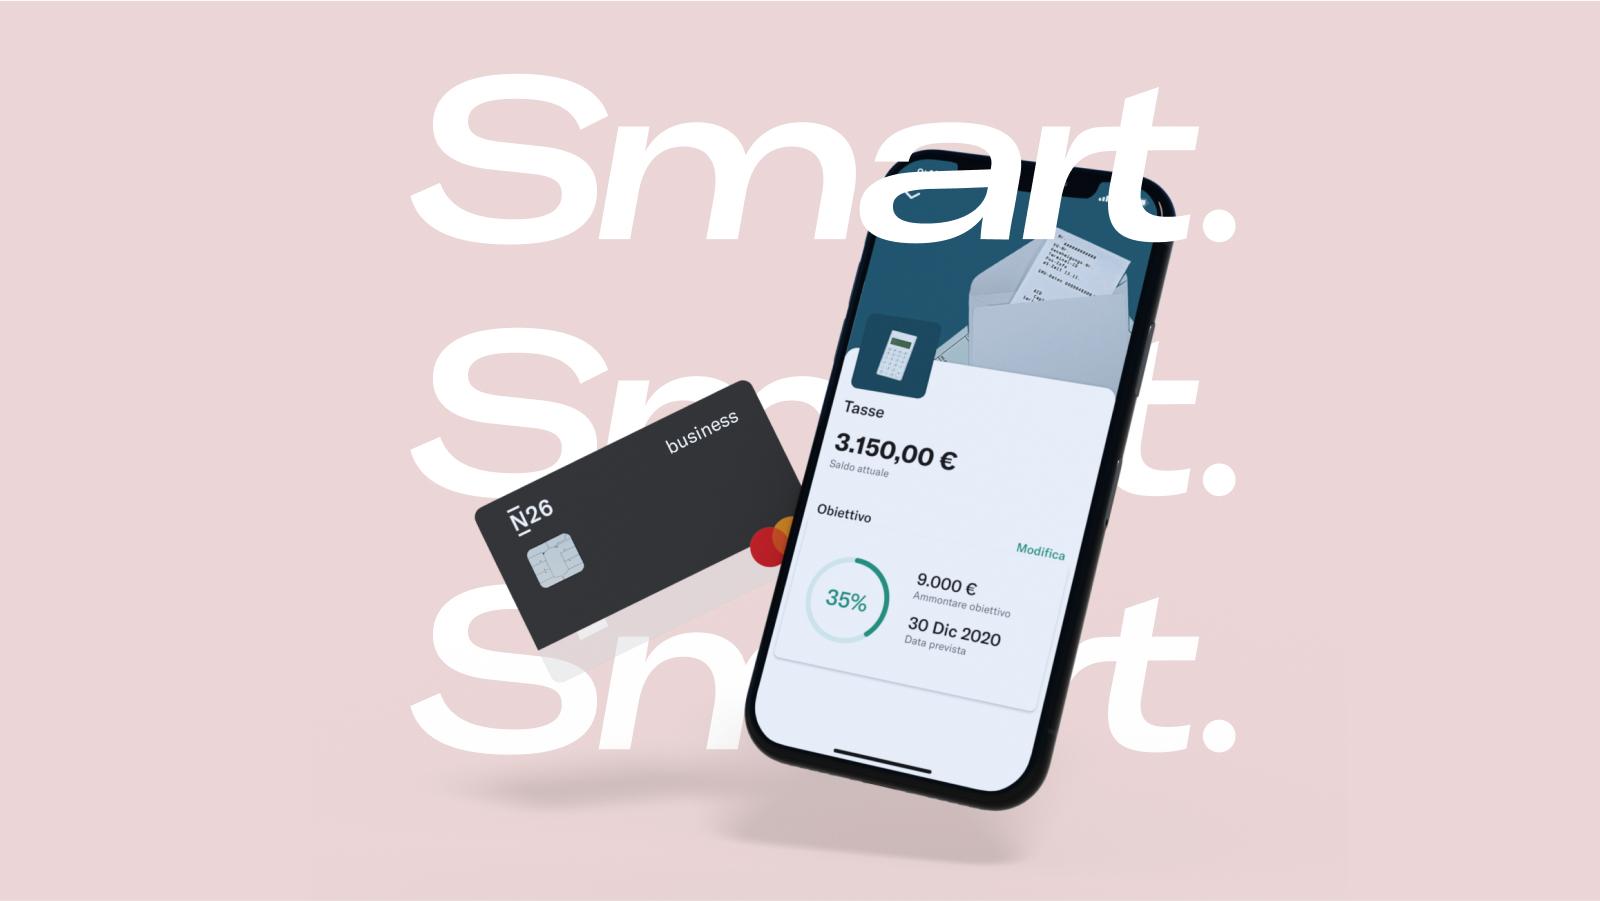 Ufficiale N26 Smart: c'è un'opzione in più per privati e imprese 2